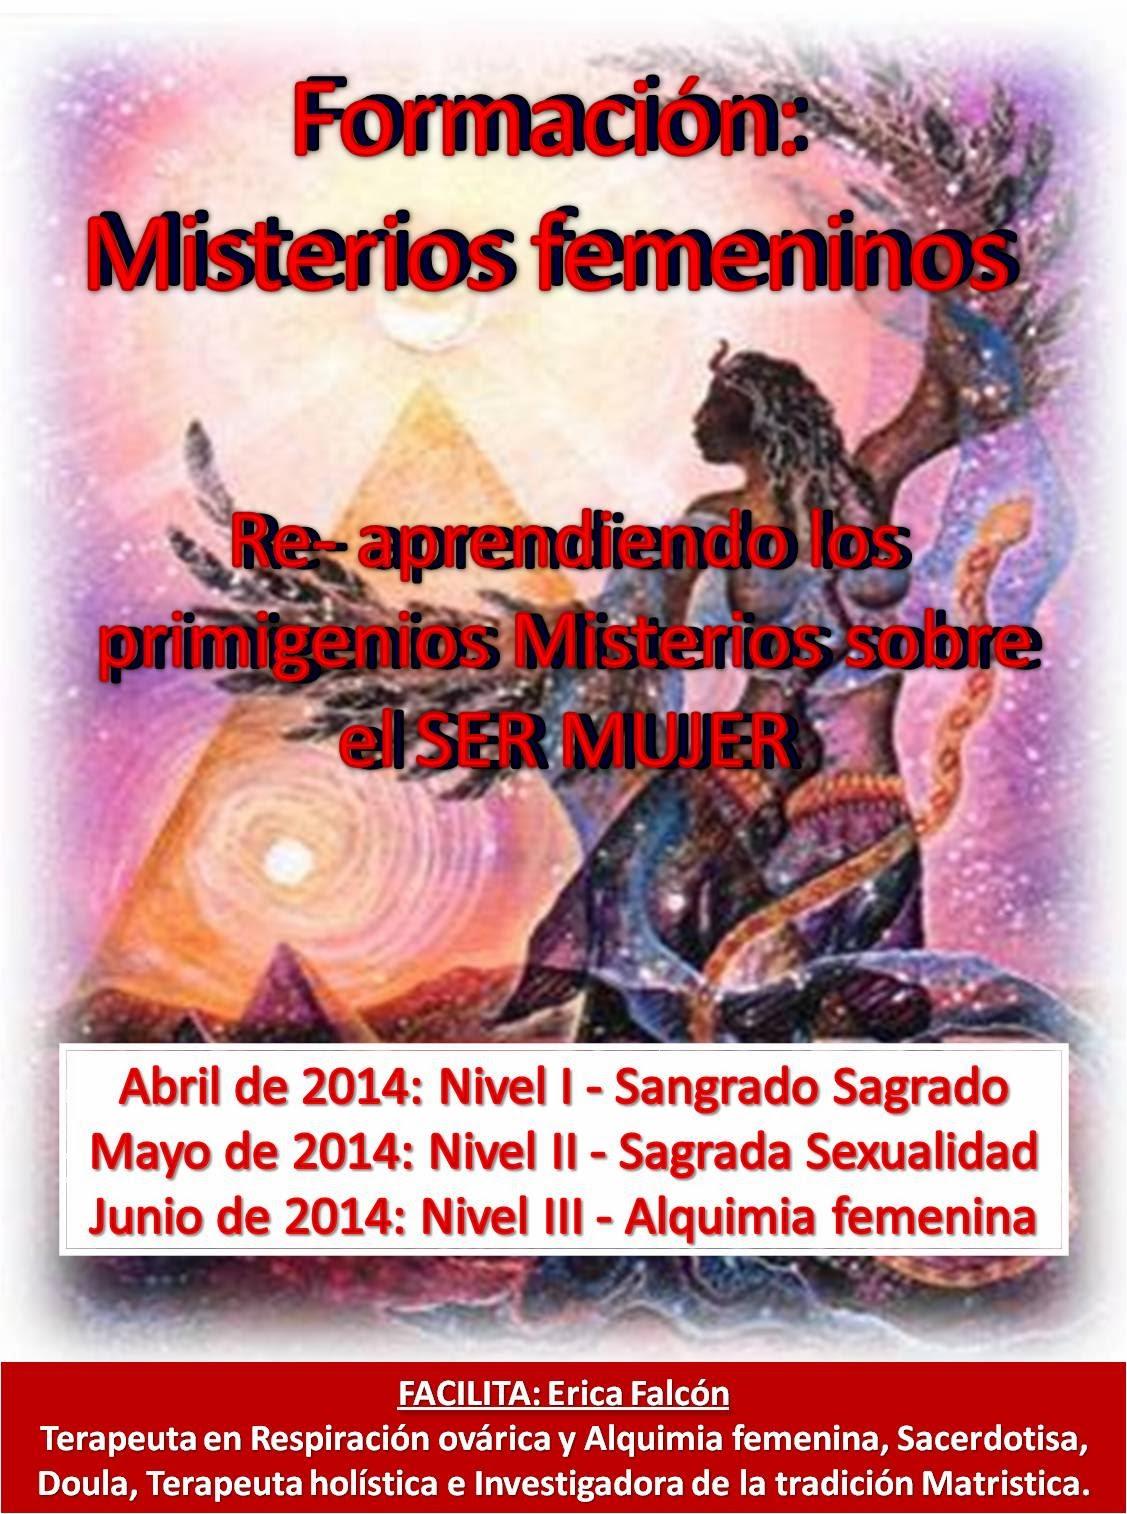 Ciclo de formacion para Mujeres: Misterios femeninos